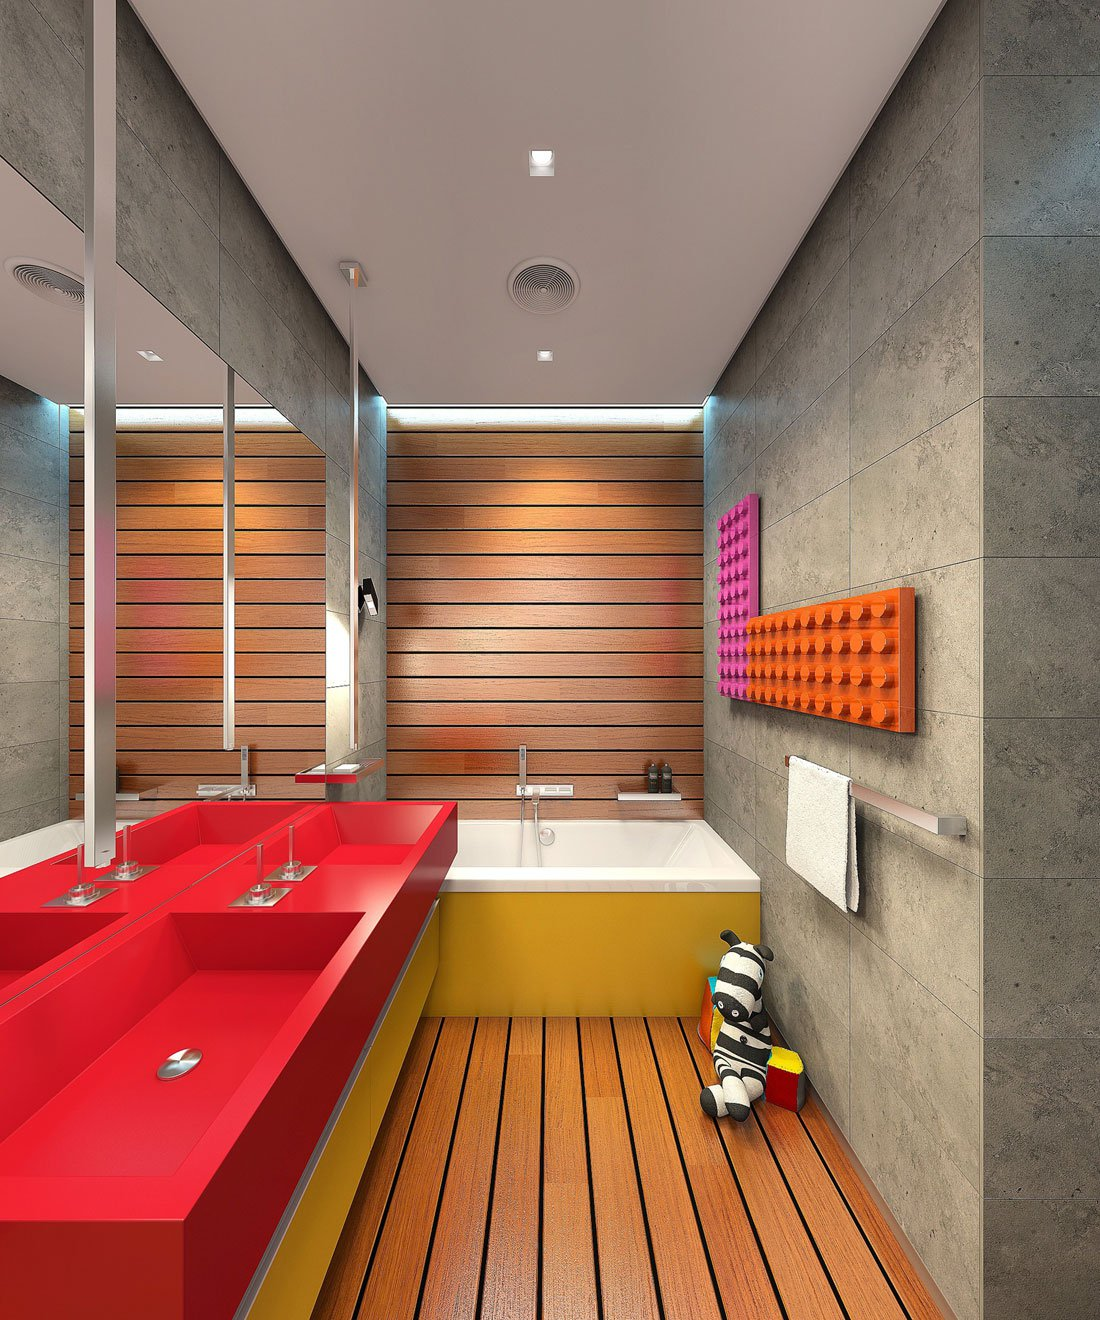 Dise o de cuarto de ba o moderno colores rojo y amarillo for Disenos de cuartos modernos